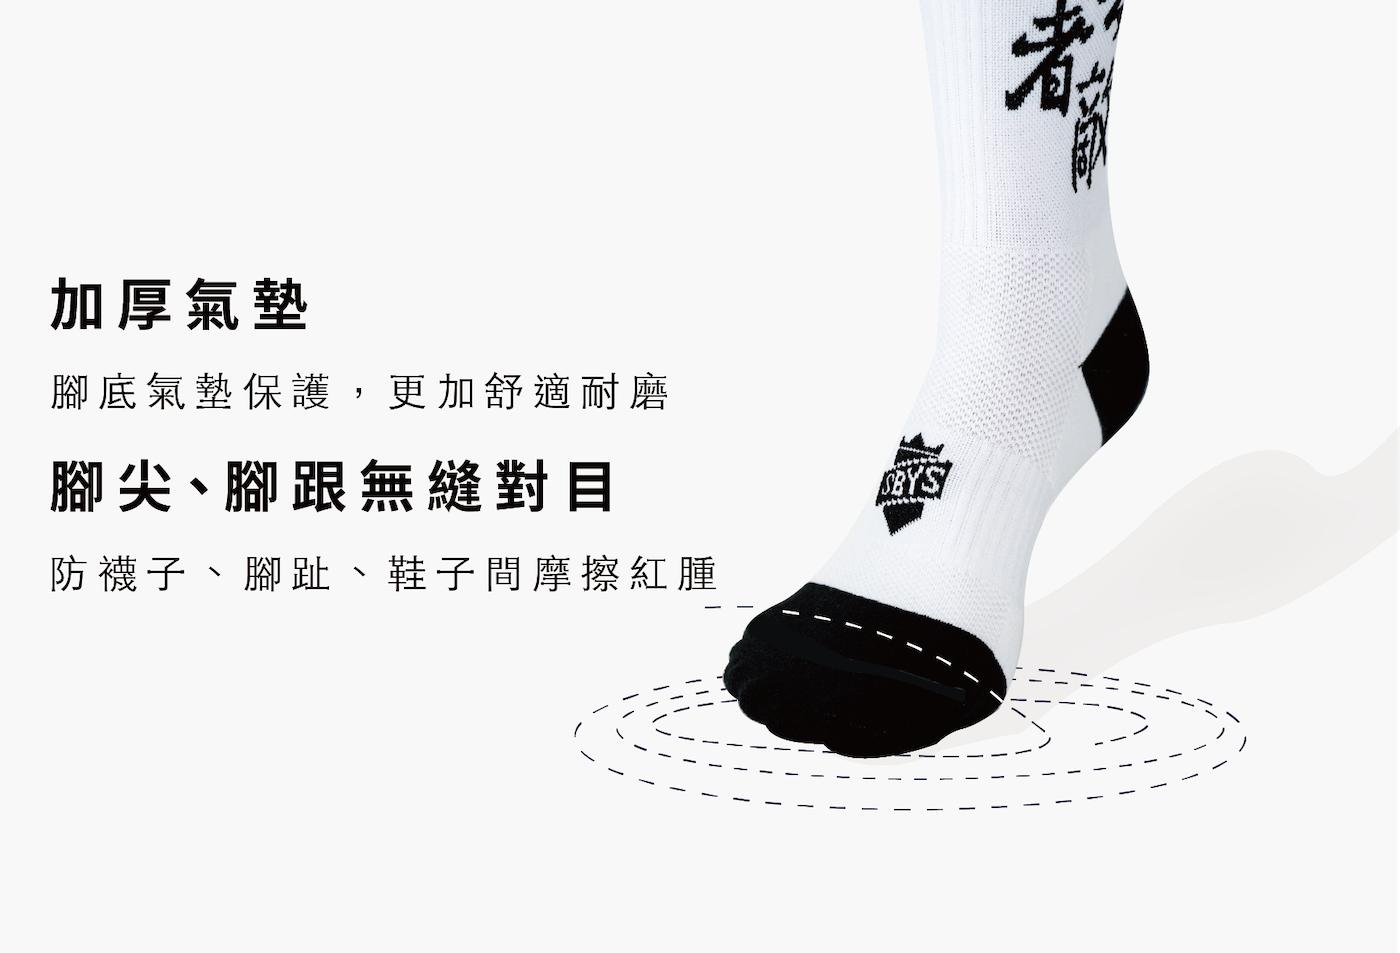 襪口無痕縫線不咬腳設計、襪底加厚氣墊舒適感